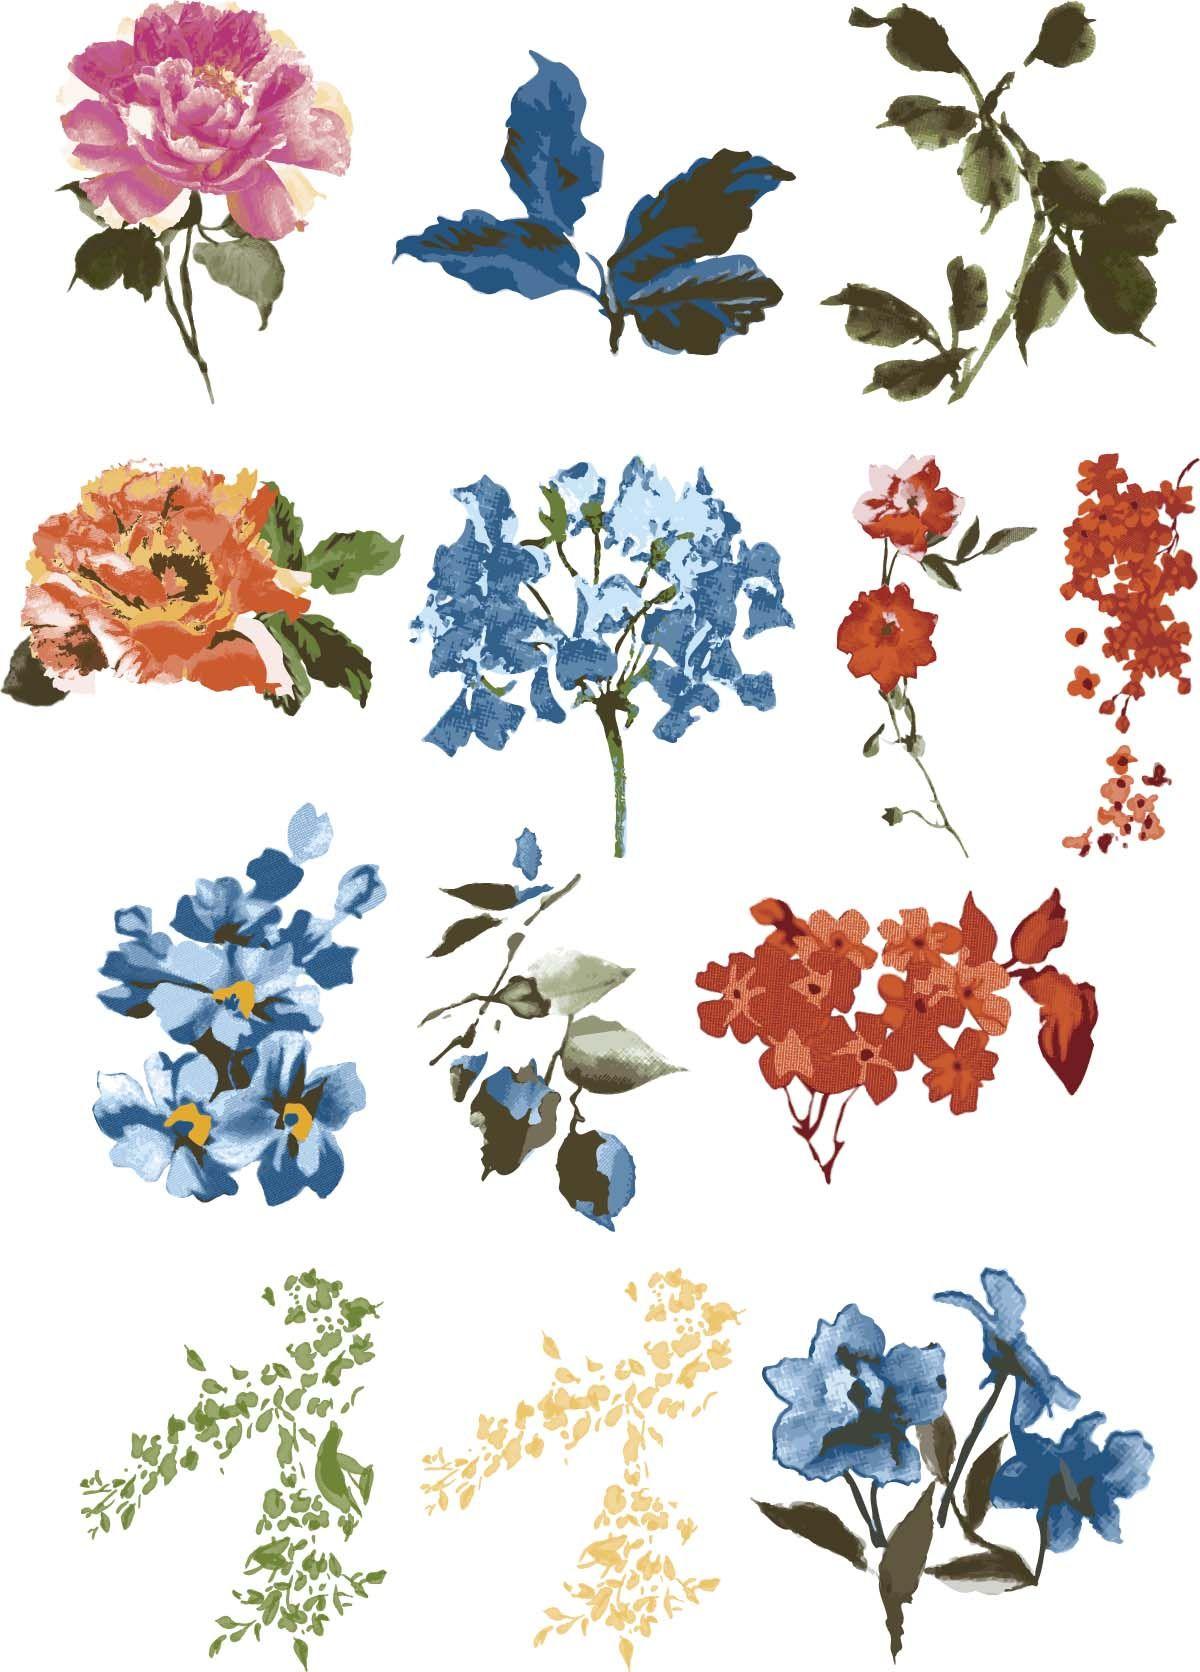 Vintage Floral Design Elements Vector Collection Free Download Flower Painting Vintage Floral Vintage Floral Design